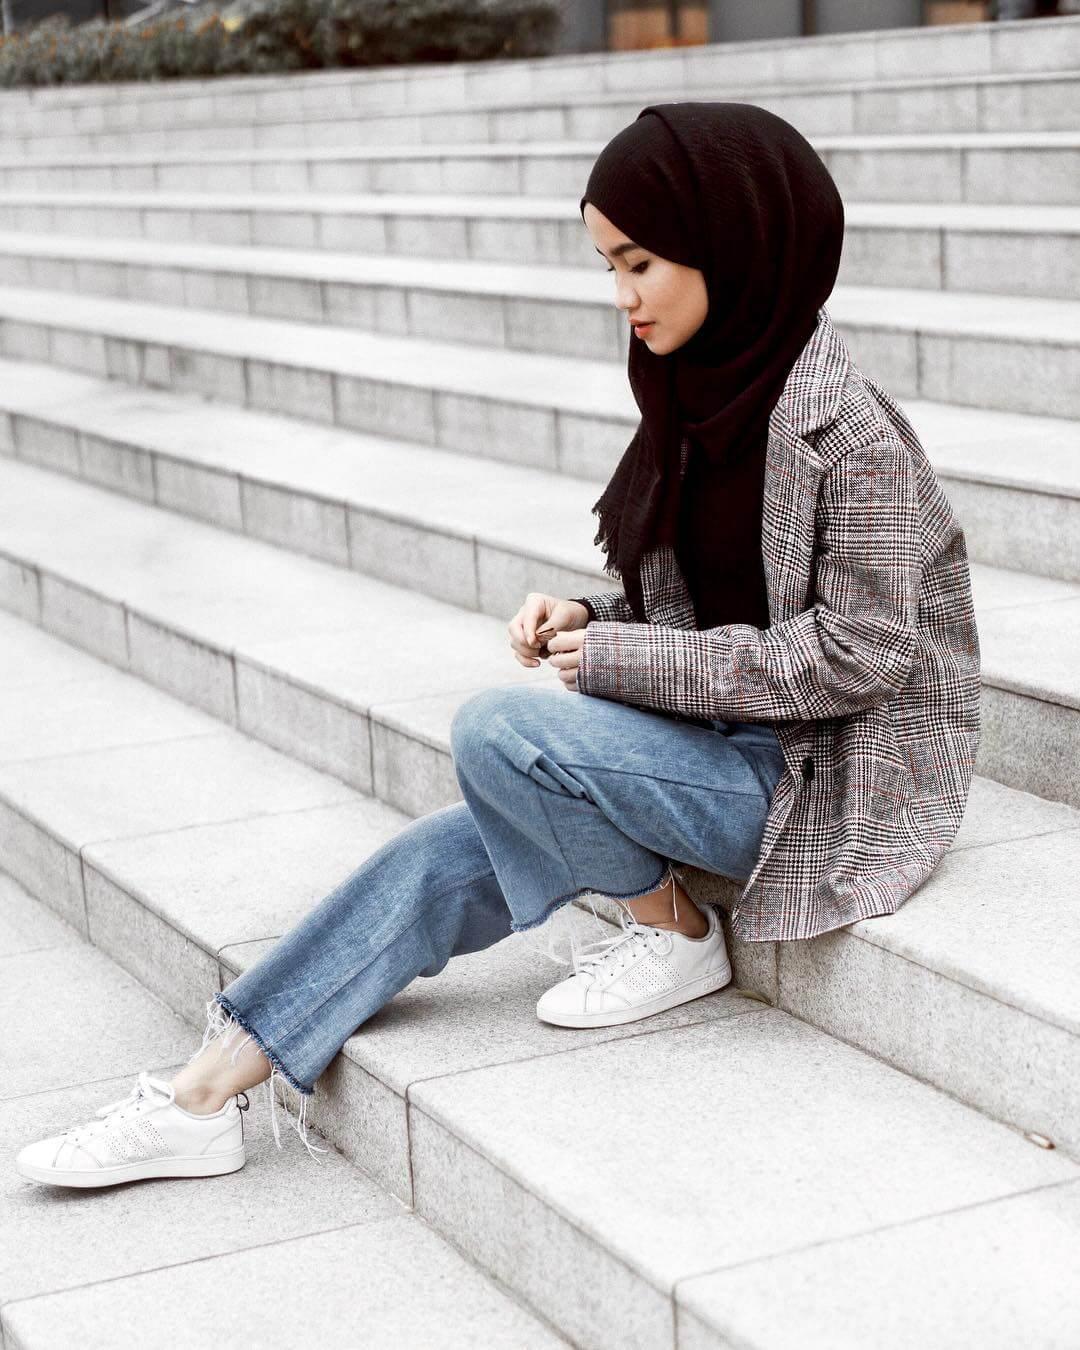 Firaa Assagaf